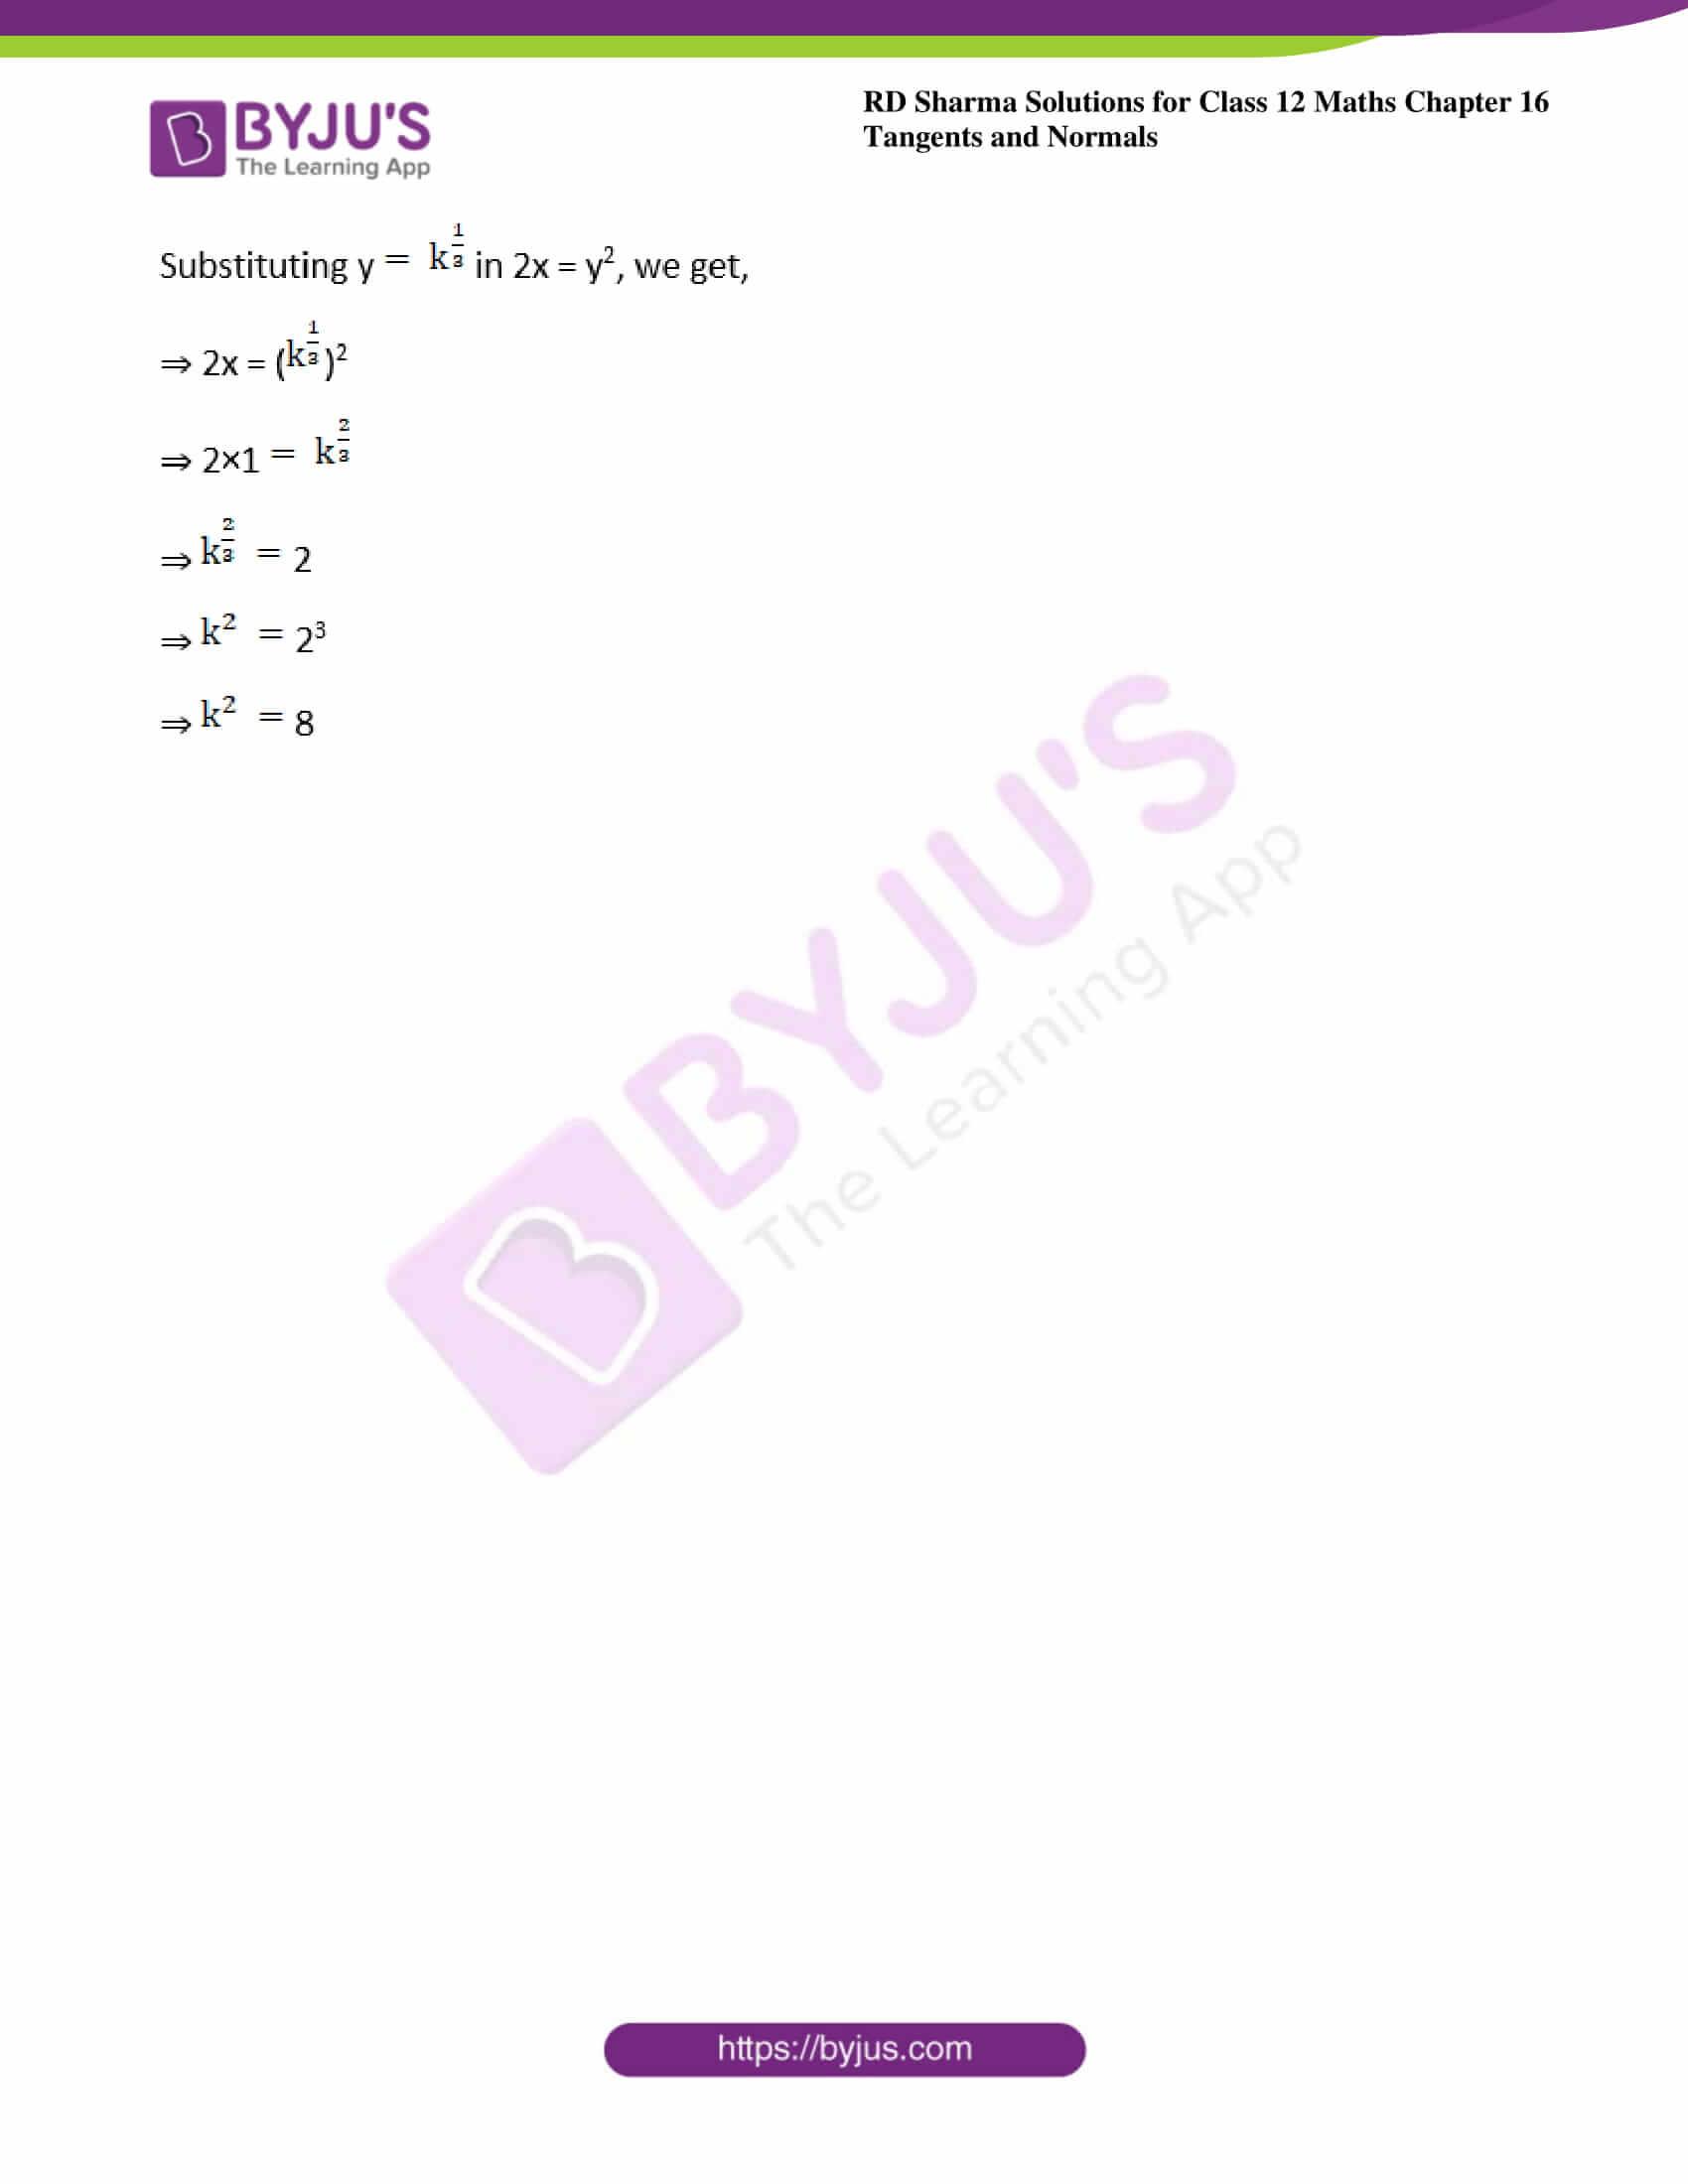 rd sharma class 12 maths solutions chapter 16 ex 3 26